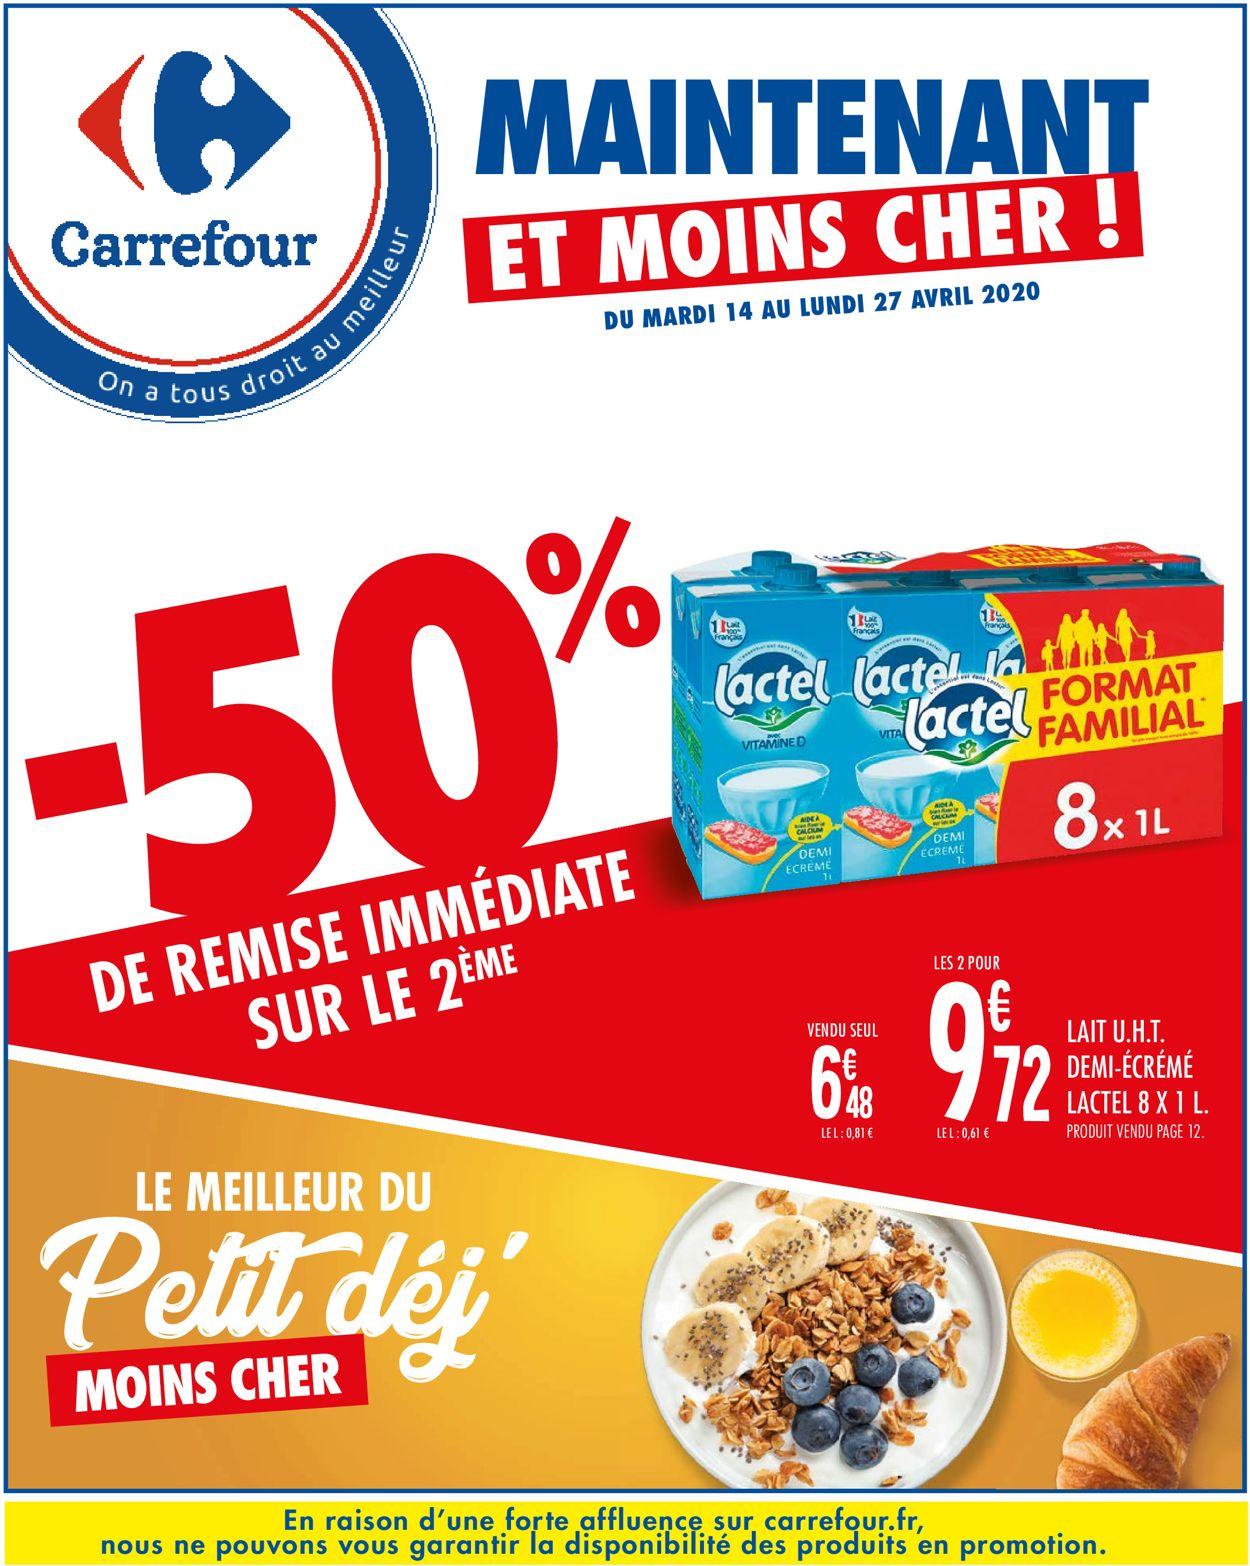 Carrefour Catalogue - 14.04-27.04.2020